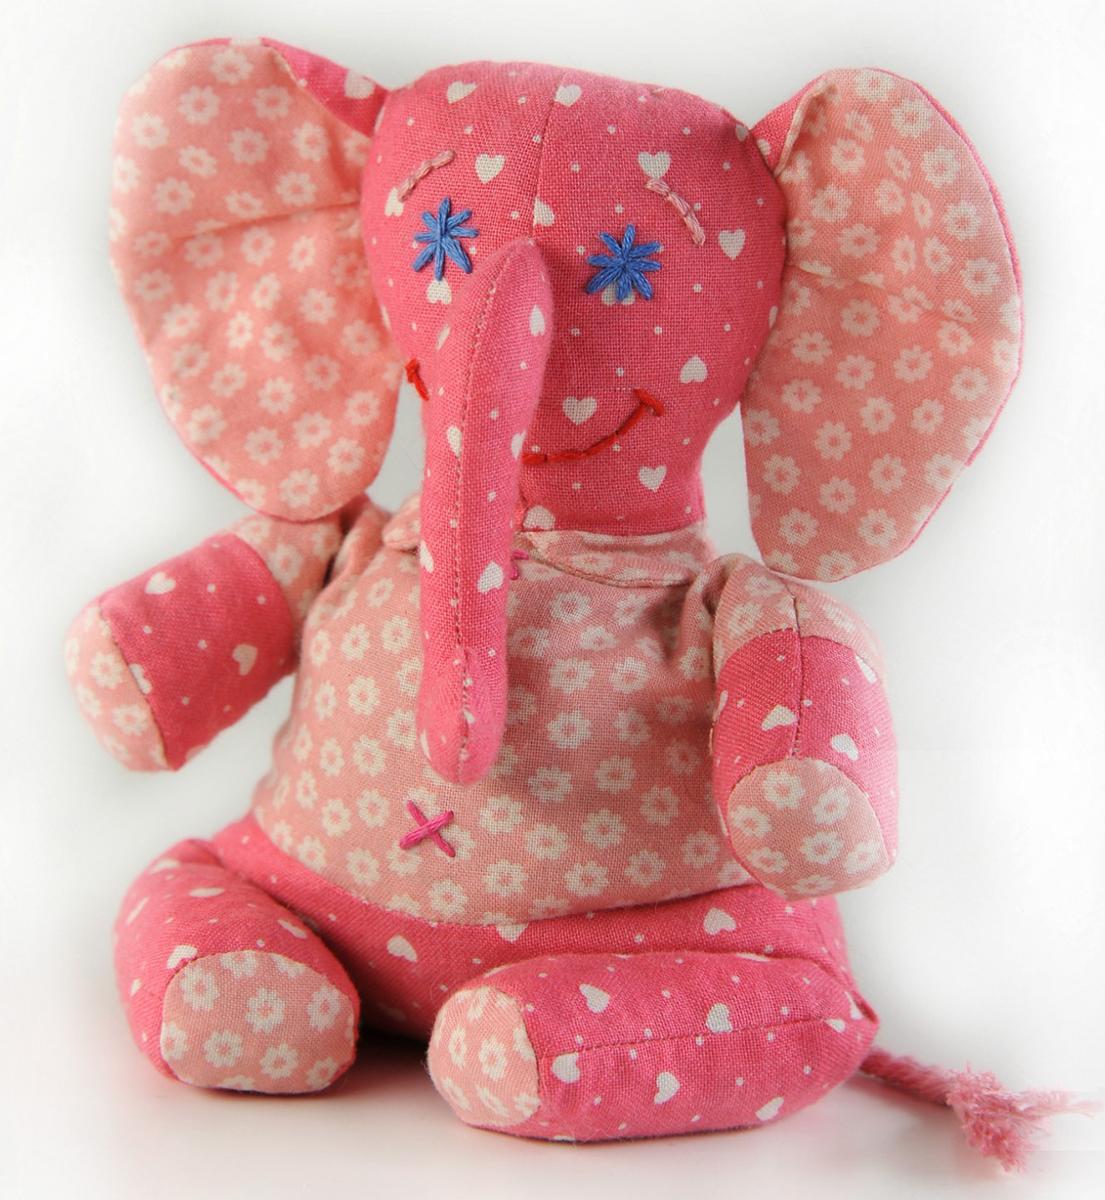 Набор для создания игрушки Перловка Слоненок ФантикП115Состав: 100% натуральный плотный хлопок пр-во США, нитки для вышивания и декорирования, лента для декорирования, листы с выкройками персонажа, подробная инструкция по изготовлению куклы. Куклы для самых маленьких – без пришивных «откусываемых» деталей. Эту игрушку можно использовать как грелку – для этого достаточно поместить ее на 1 минуту в СВЧ-печку .